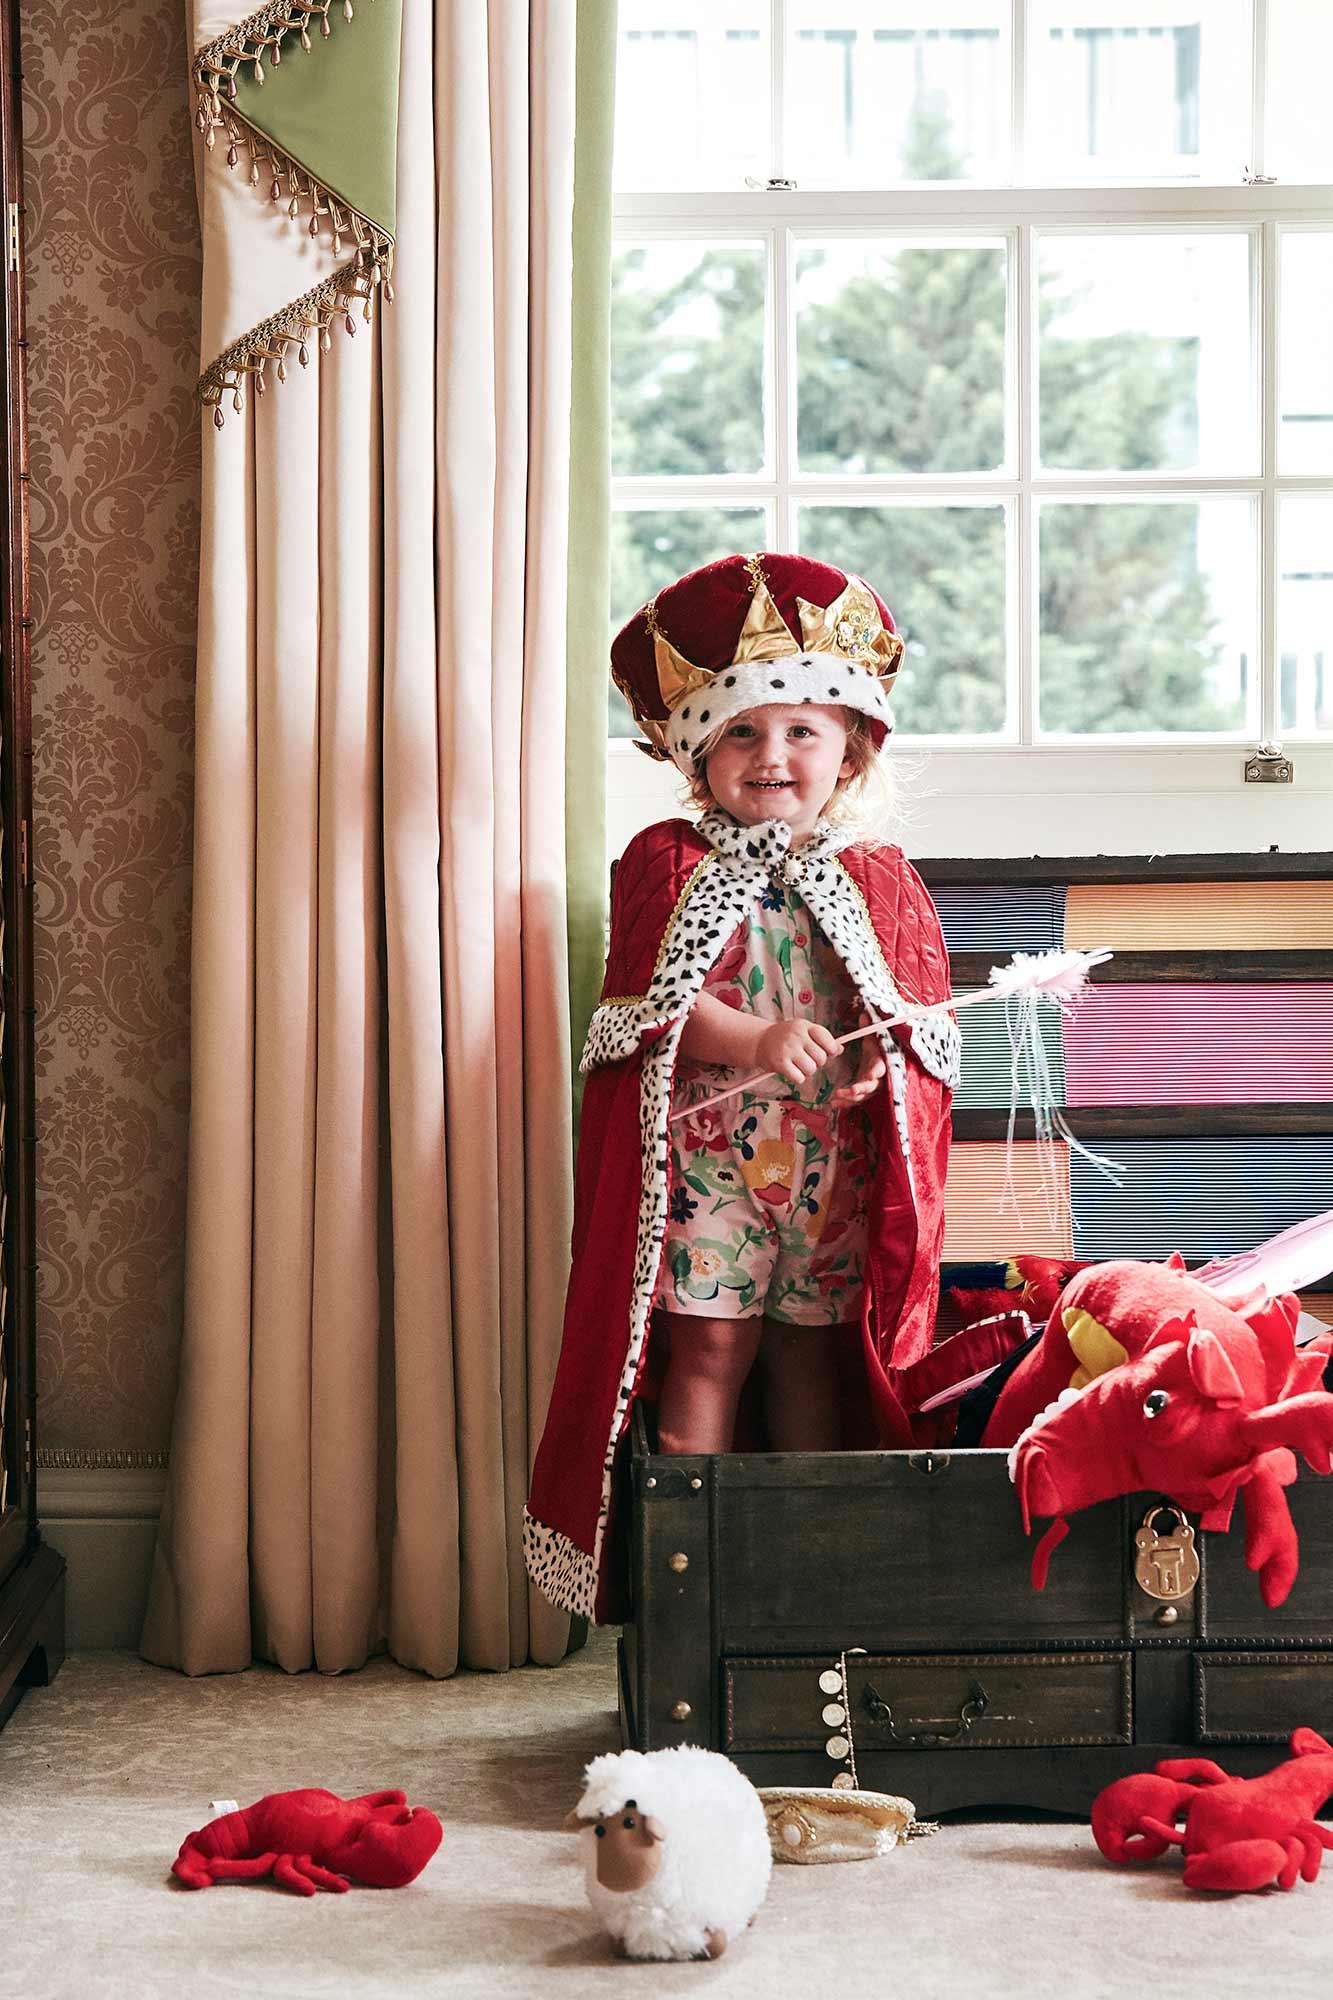 Kids-dress-up-box-2-017.jpg